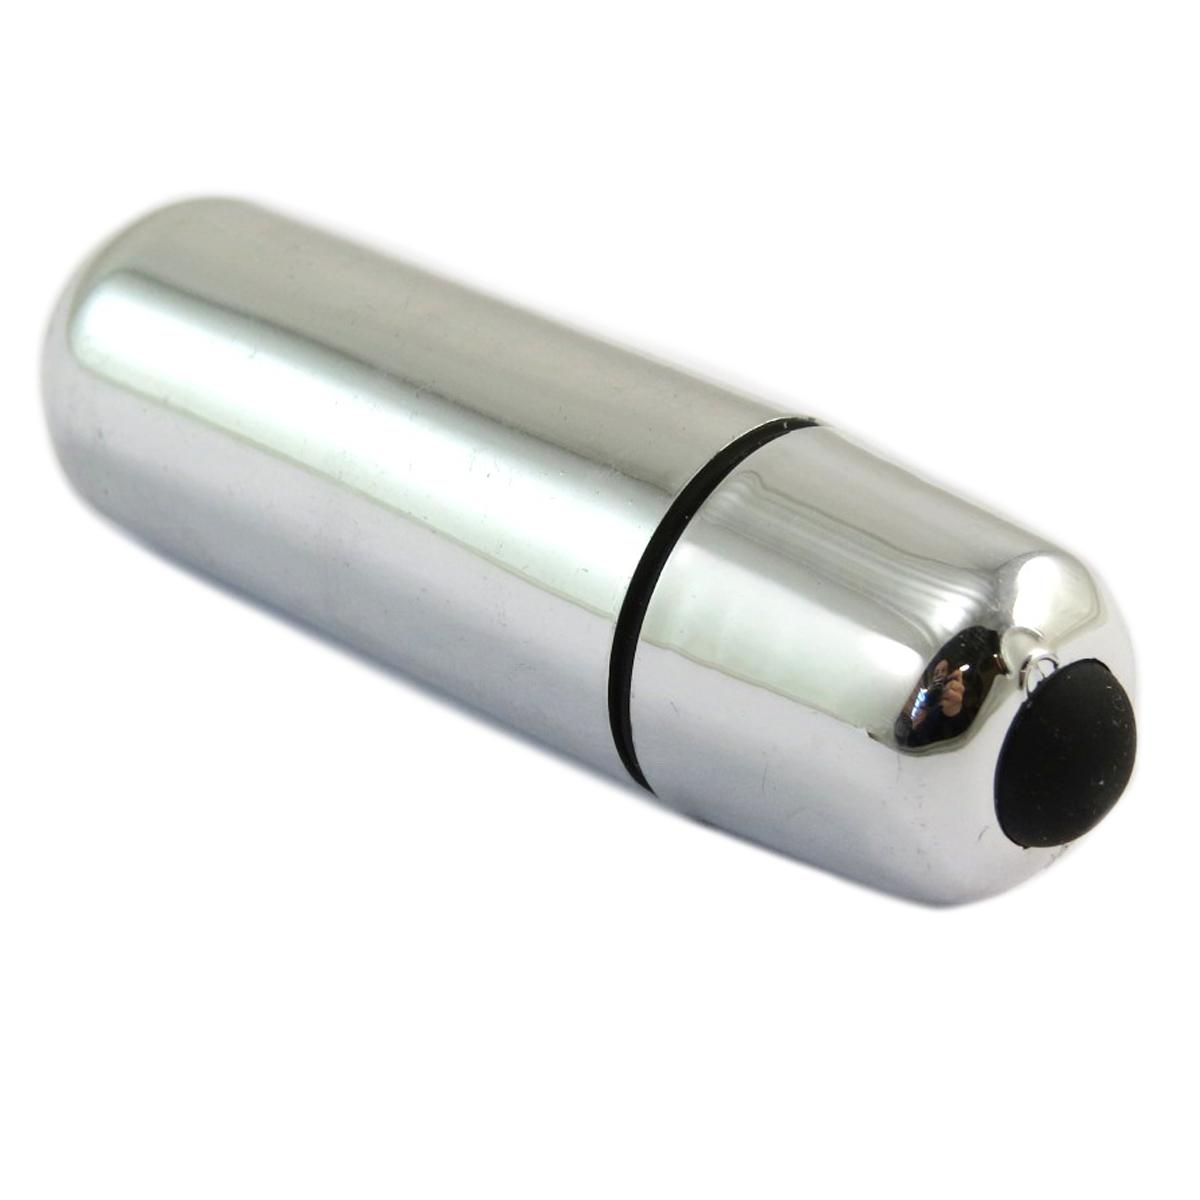 Mini vibromasseur \'Ovni\' argenté - 6 cm - [Q5159]